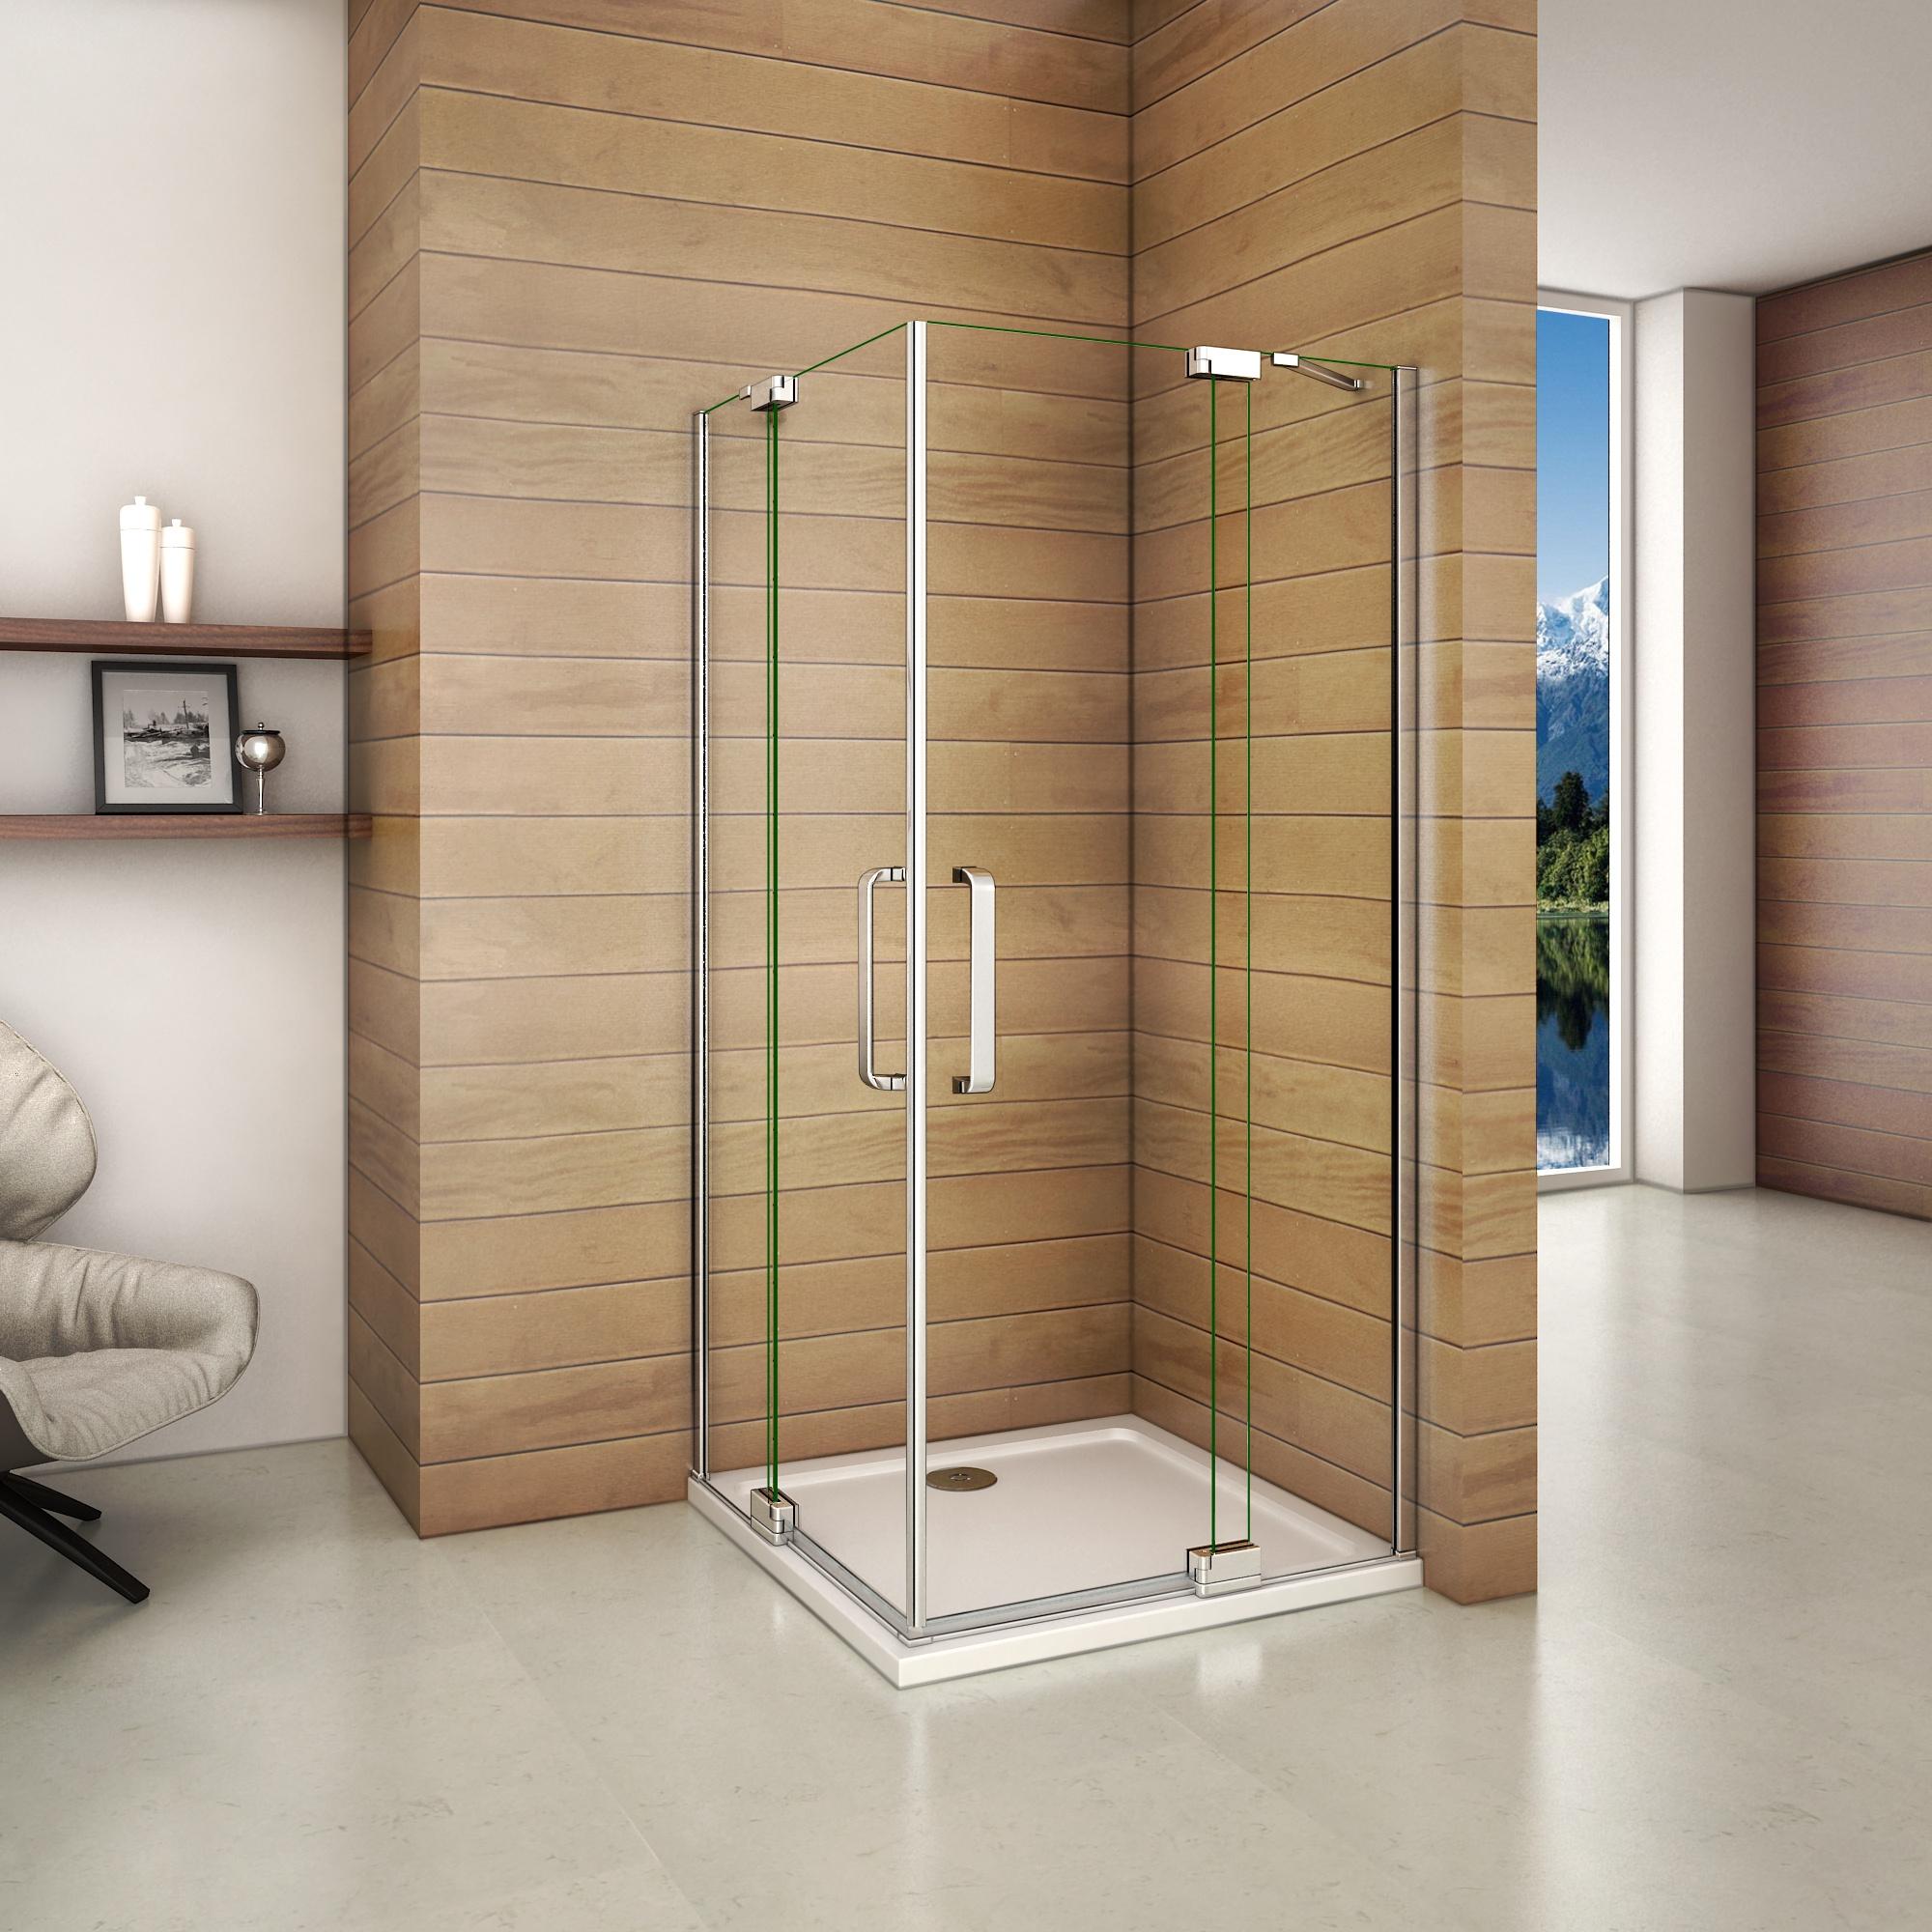 H K - Obdélníkový sprchový kout AIRLINE R108, 100x80 cm, se dvěma jednokřídlými dveřmi s pevnou stěnou, rohový vstup včetně sprchové vaničky z litého mramoru (SE-AIRLINER108/THOR-10080)